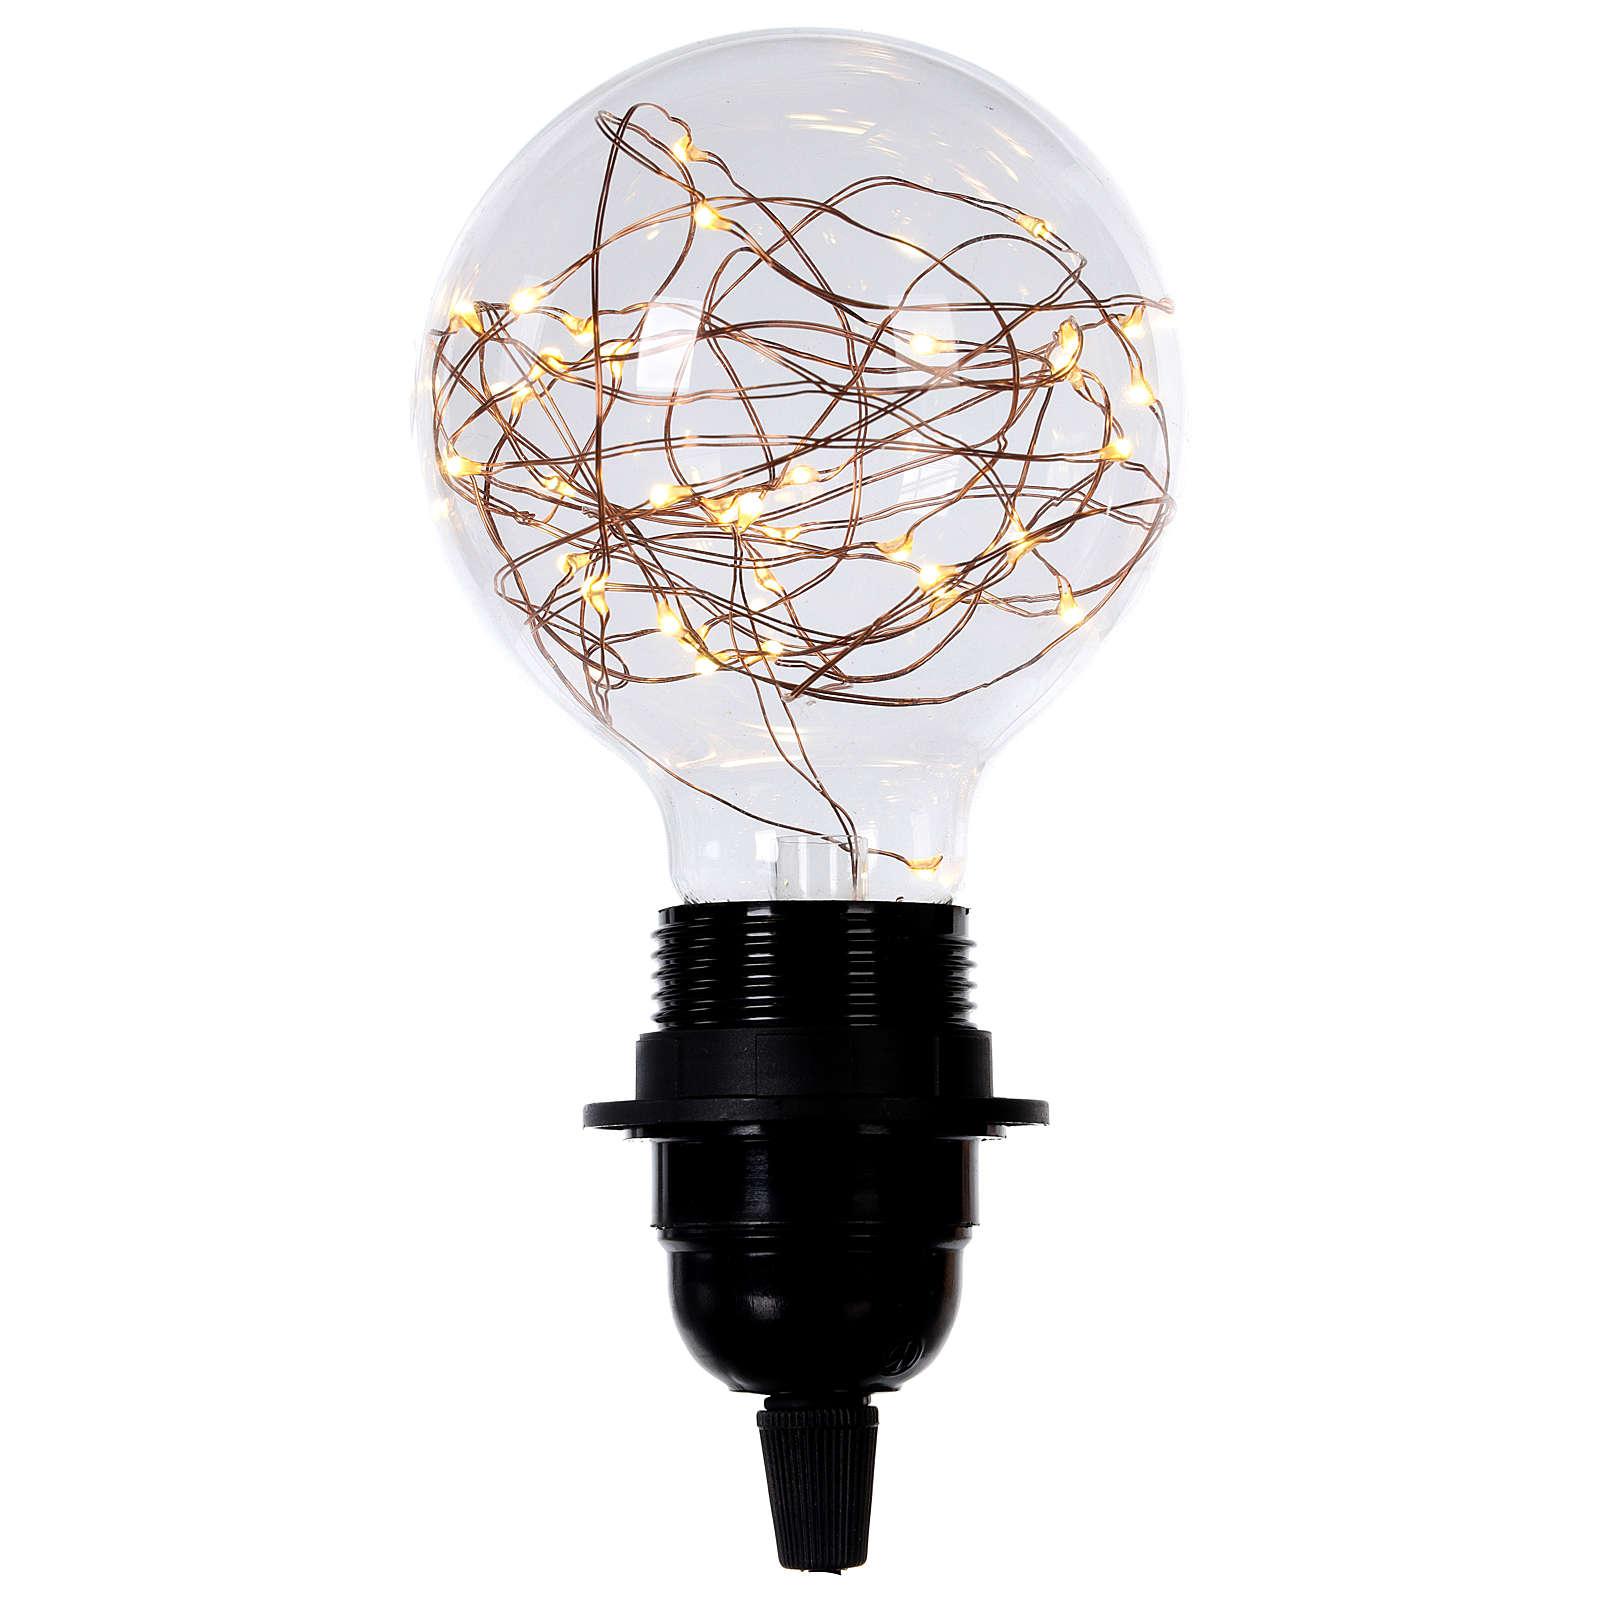 Ampoule avec gouttes LED blanc chaud 3